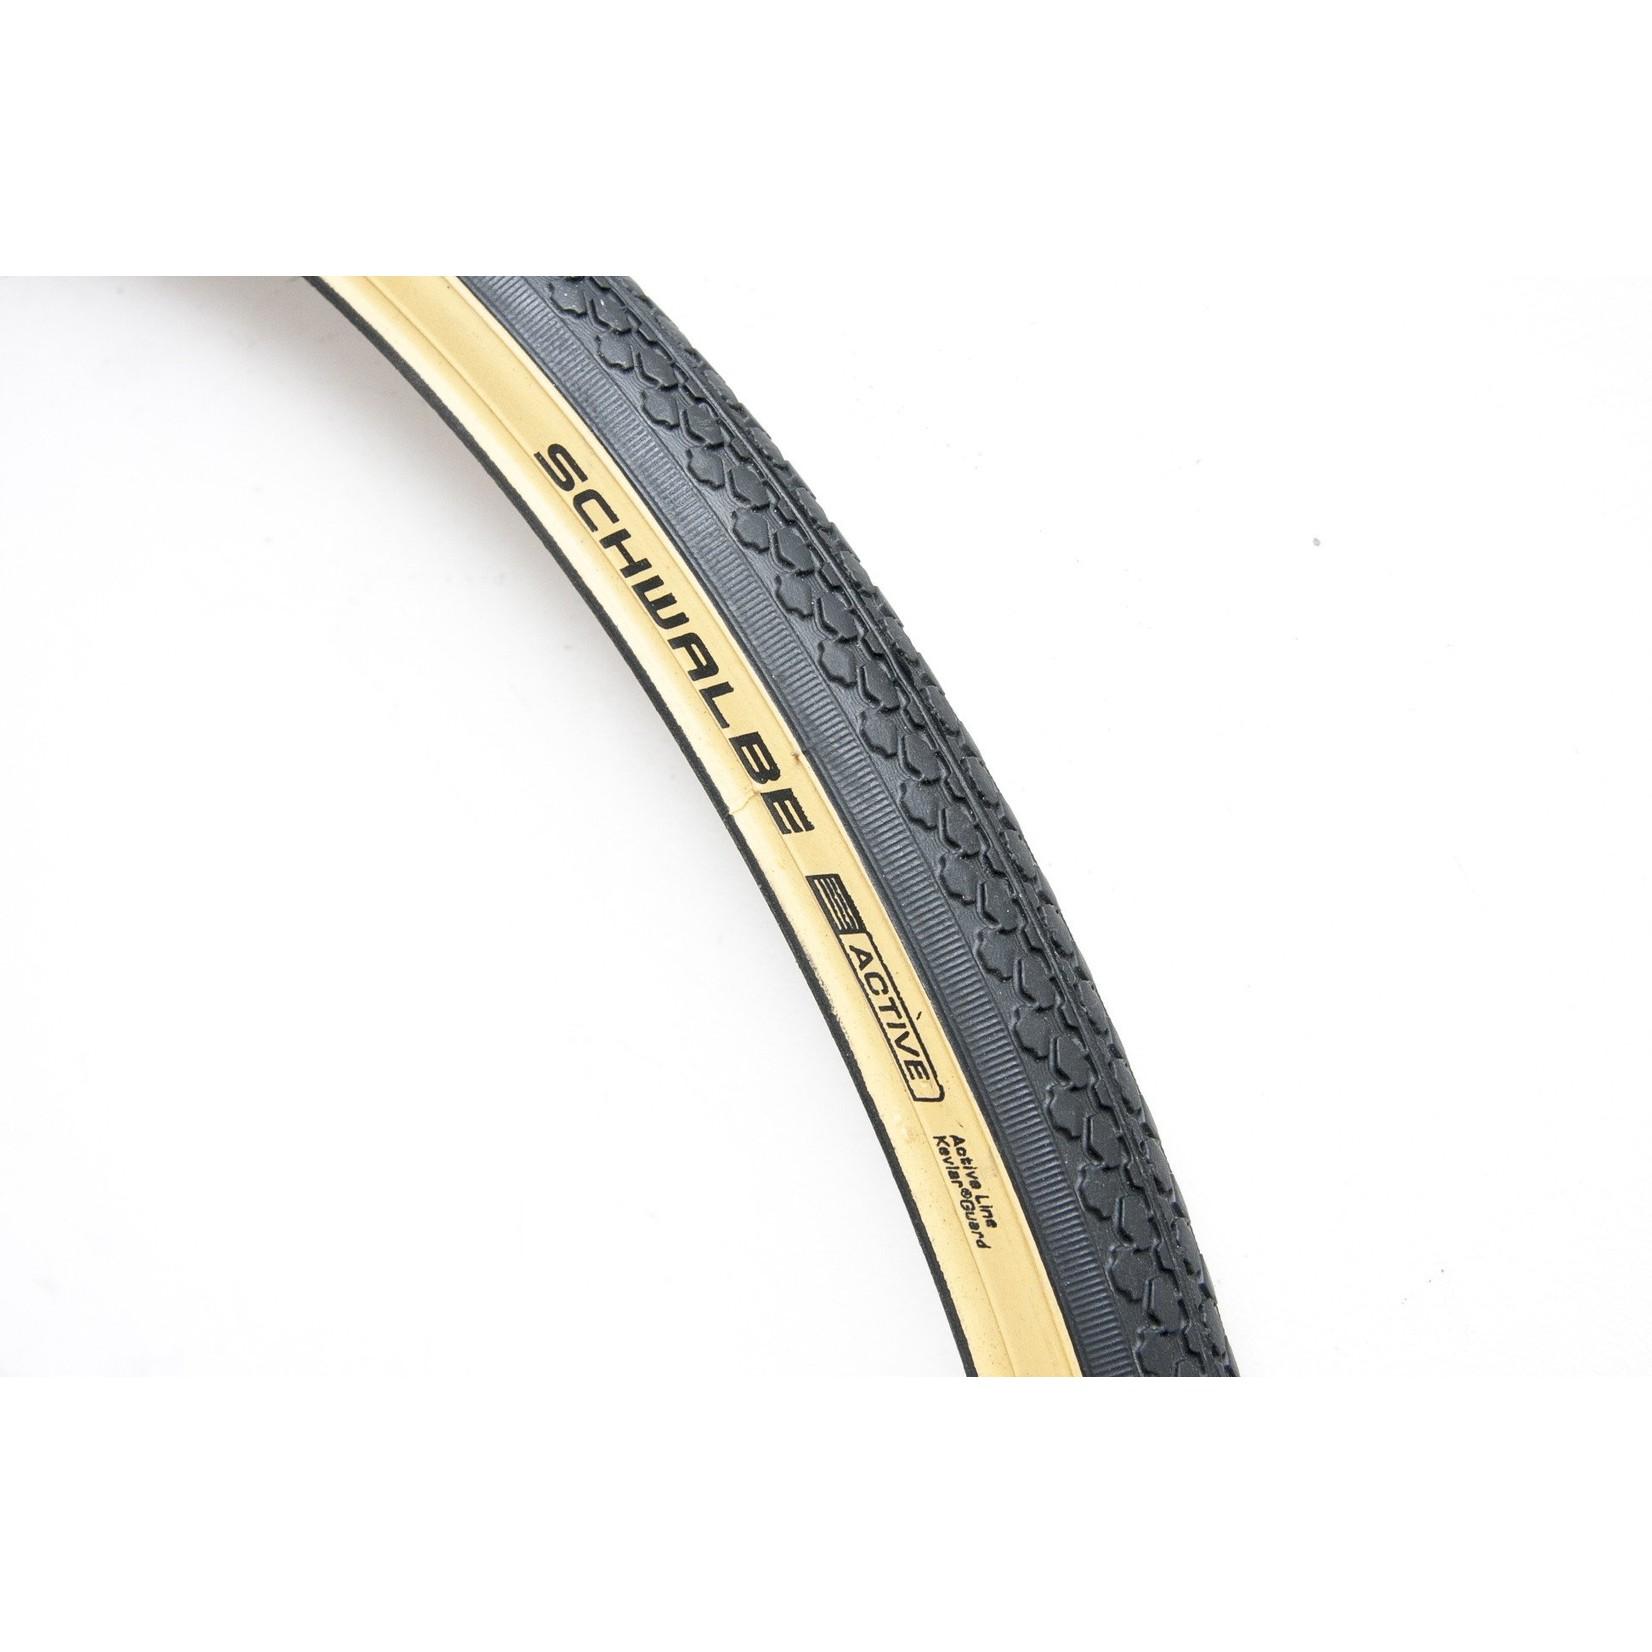 Schwalbe Schwalbe HS159 27x1.25 Wire Bead Gumwall Tire